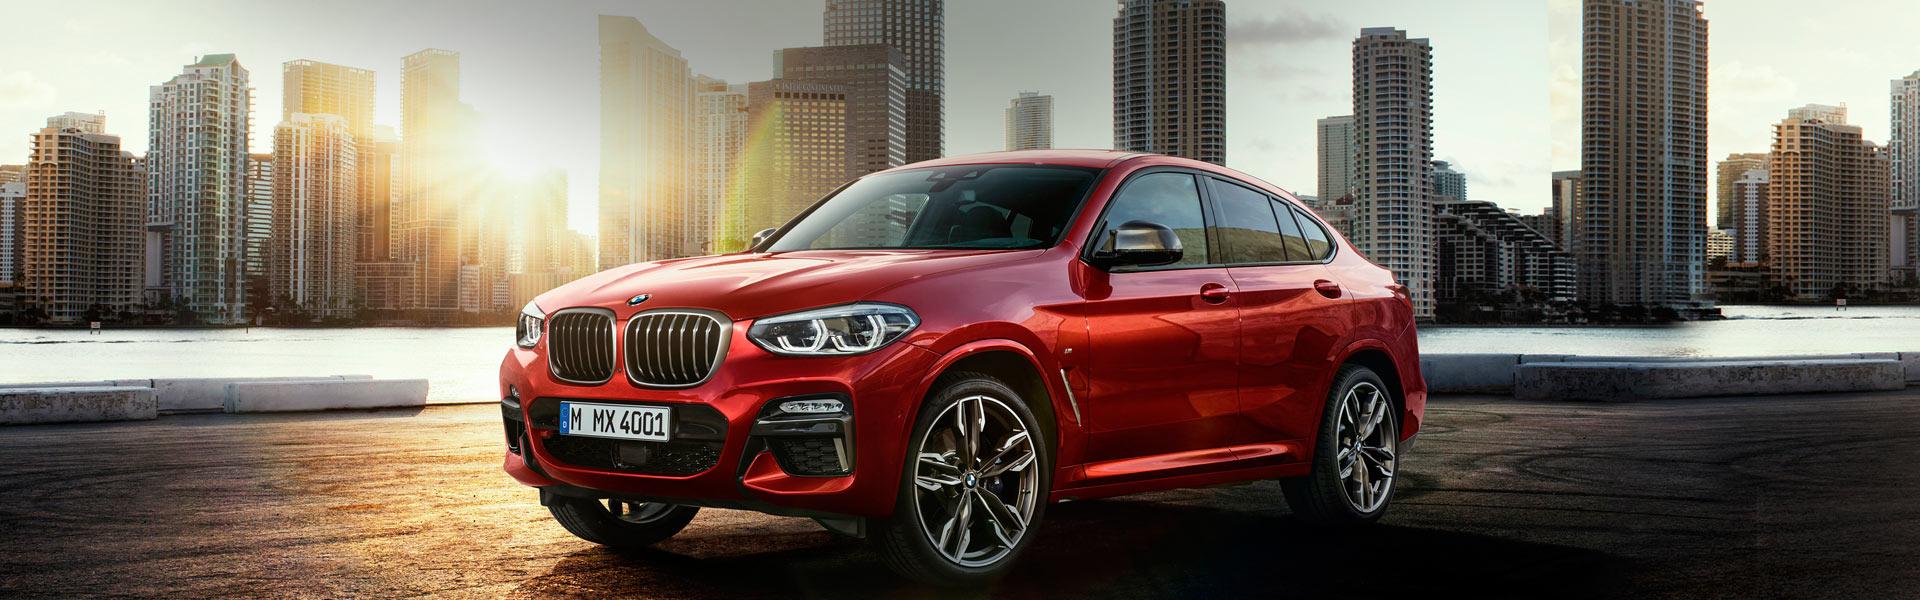 Сервис и ремонт BMW